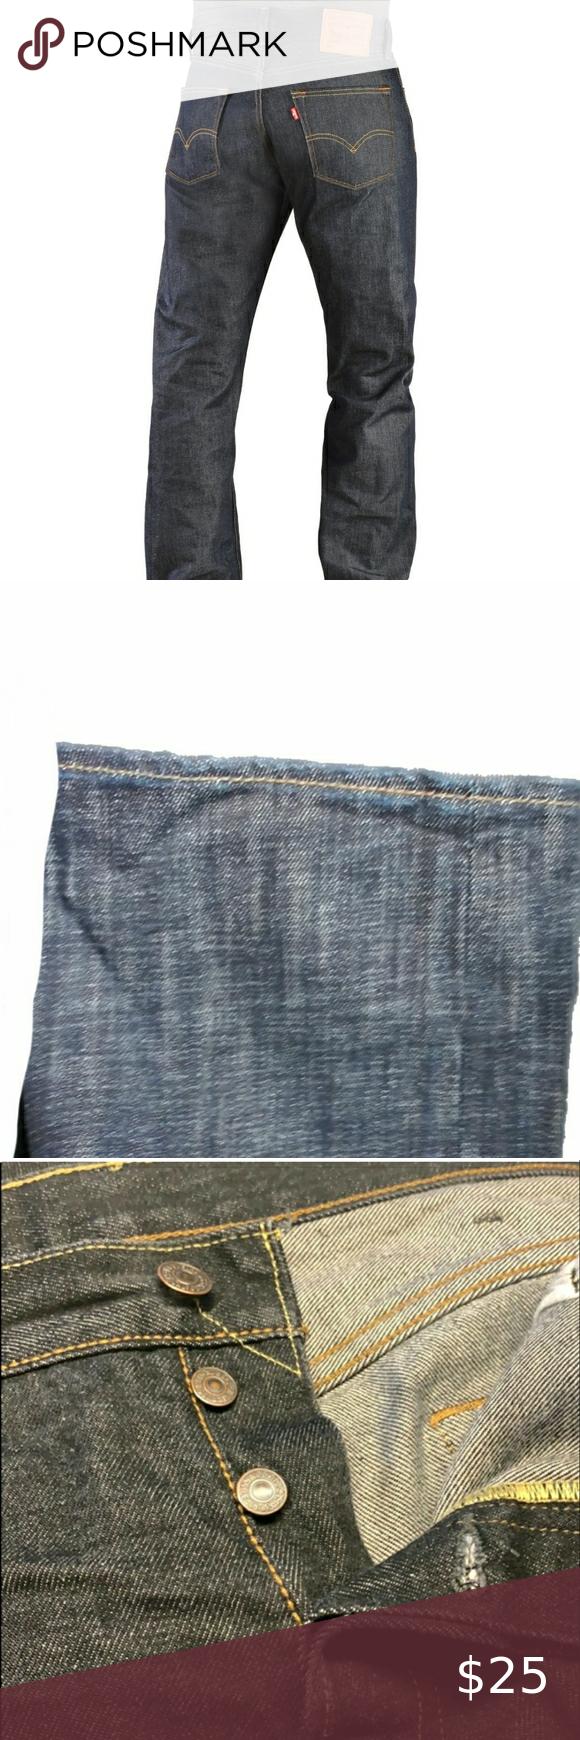 Levi's 501 dark blue denim jeans long 33x34 in 2020 | Dark ...